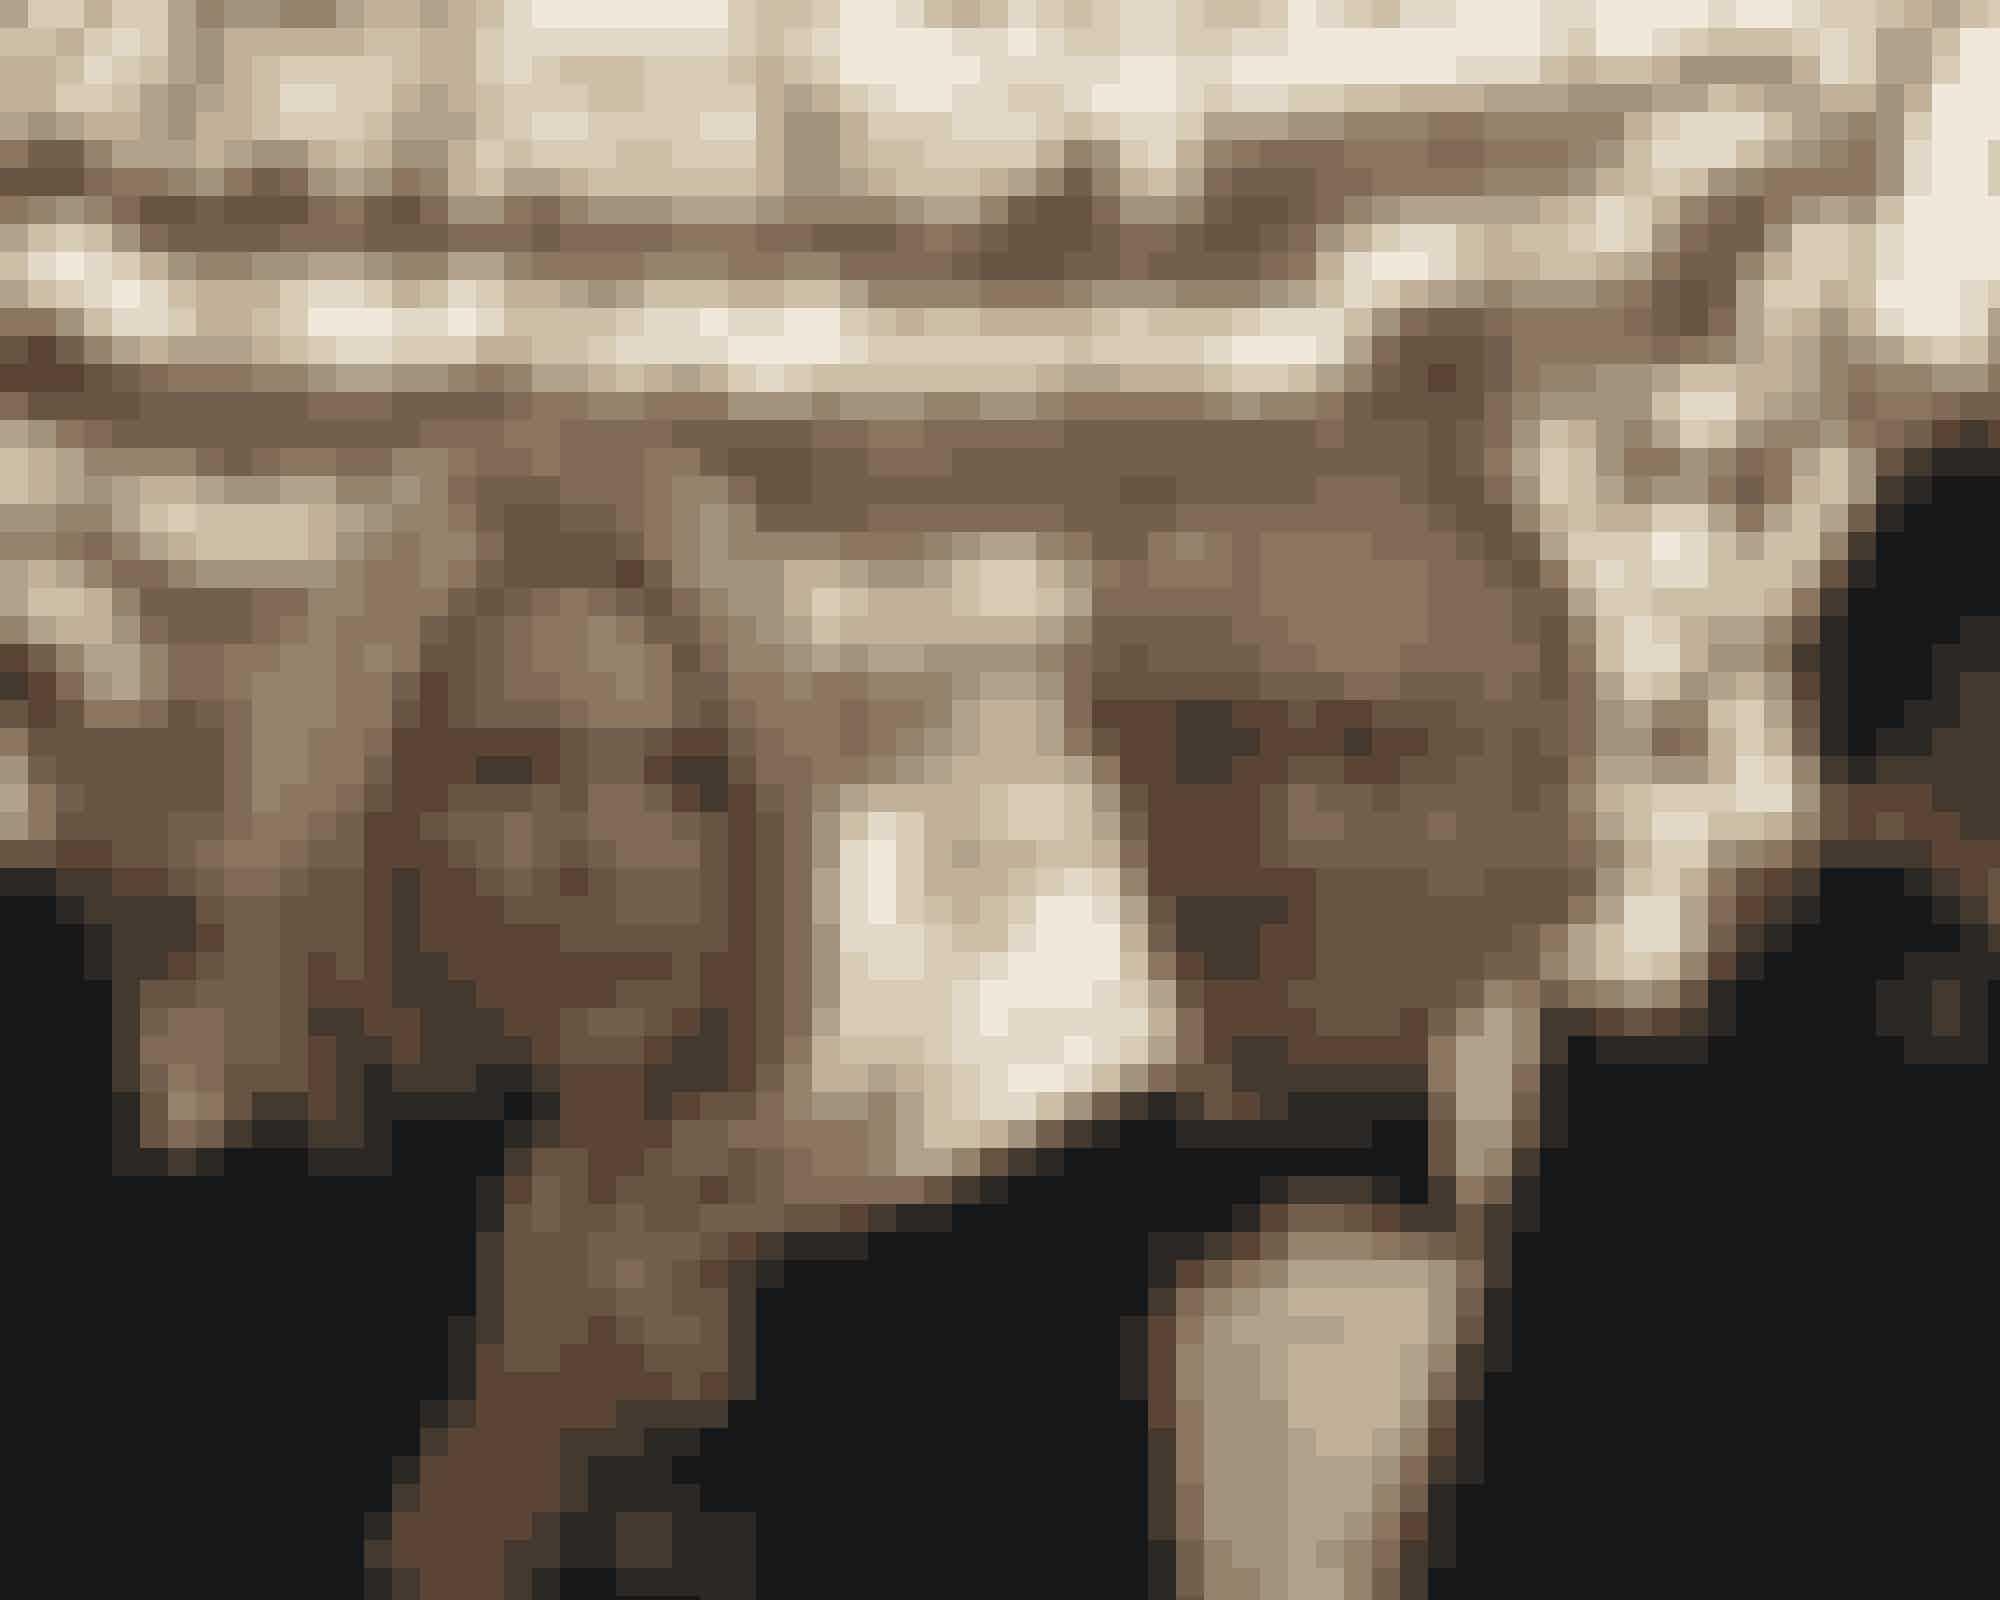 Robert De Niro spiller finansmanden Bernard Madoff i HBO's 'The Wizard of Lies'. Michelle Pfeiffer spiller hans hustru, Ruth.